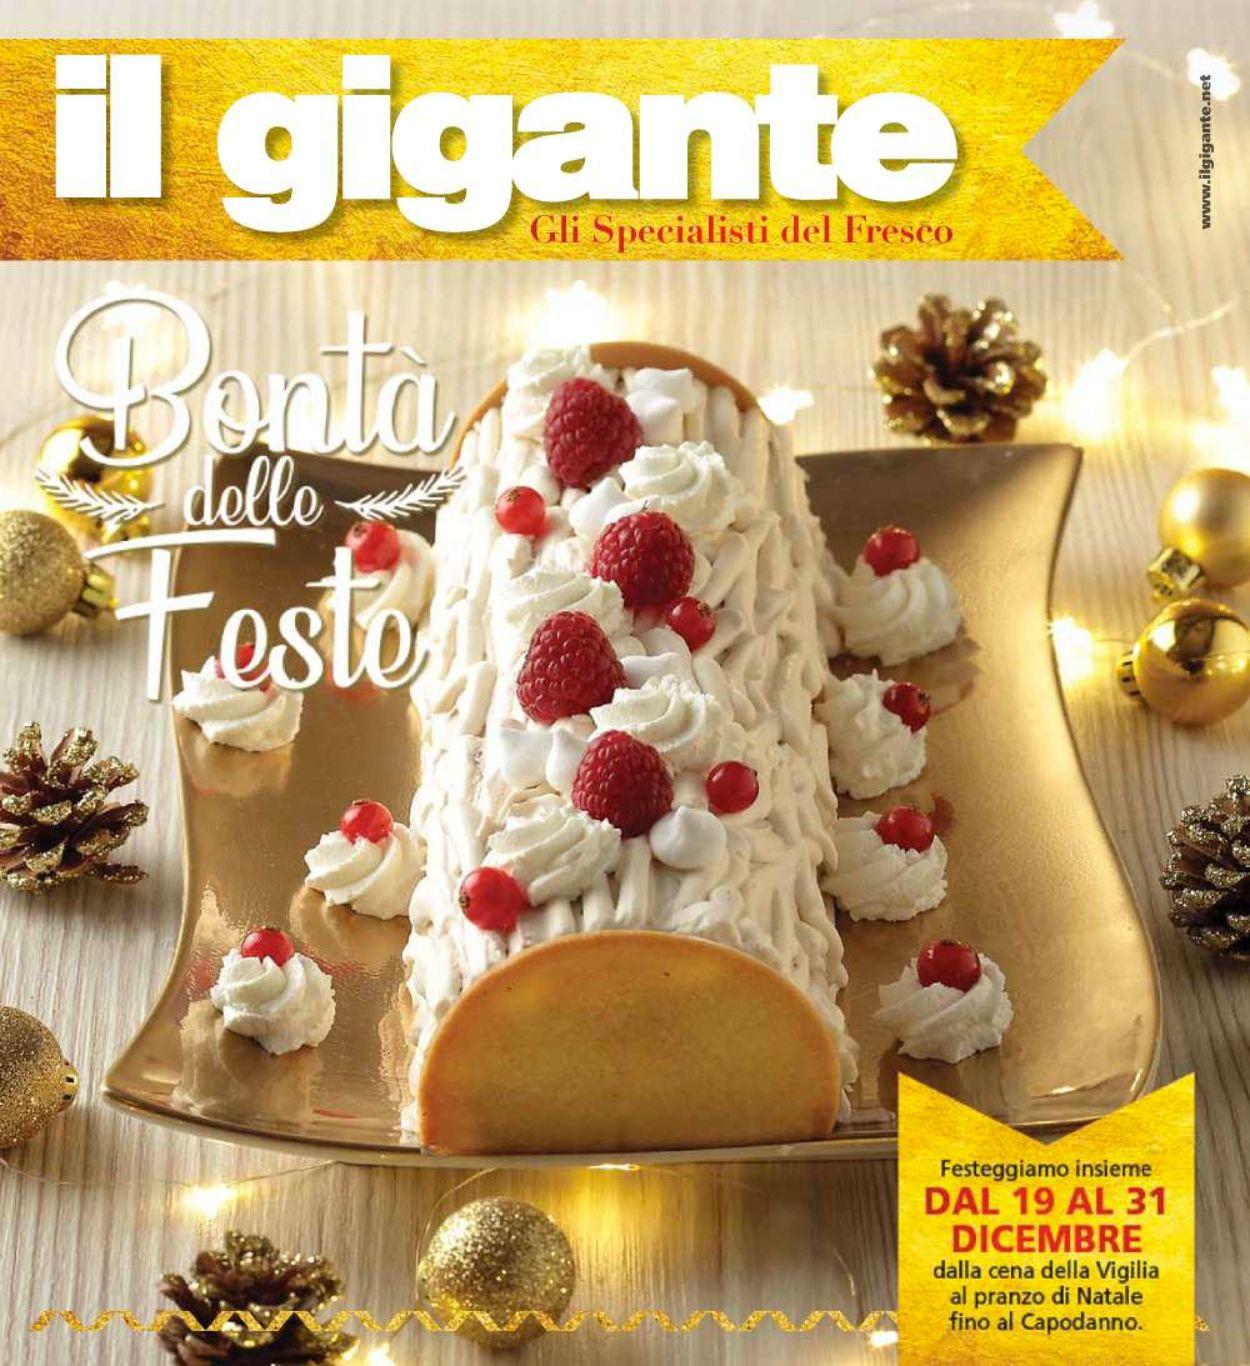 Volantino Il volantino natalizio di Il Gigante - Offerte 19/12-31/12/2019